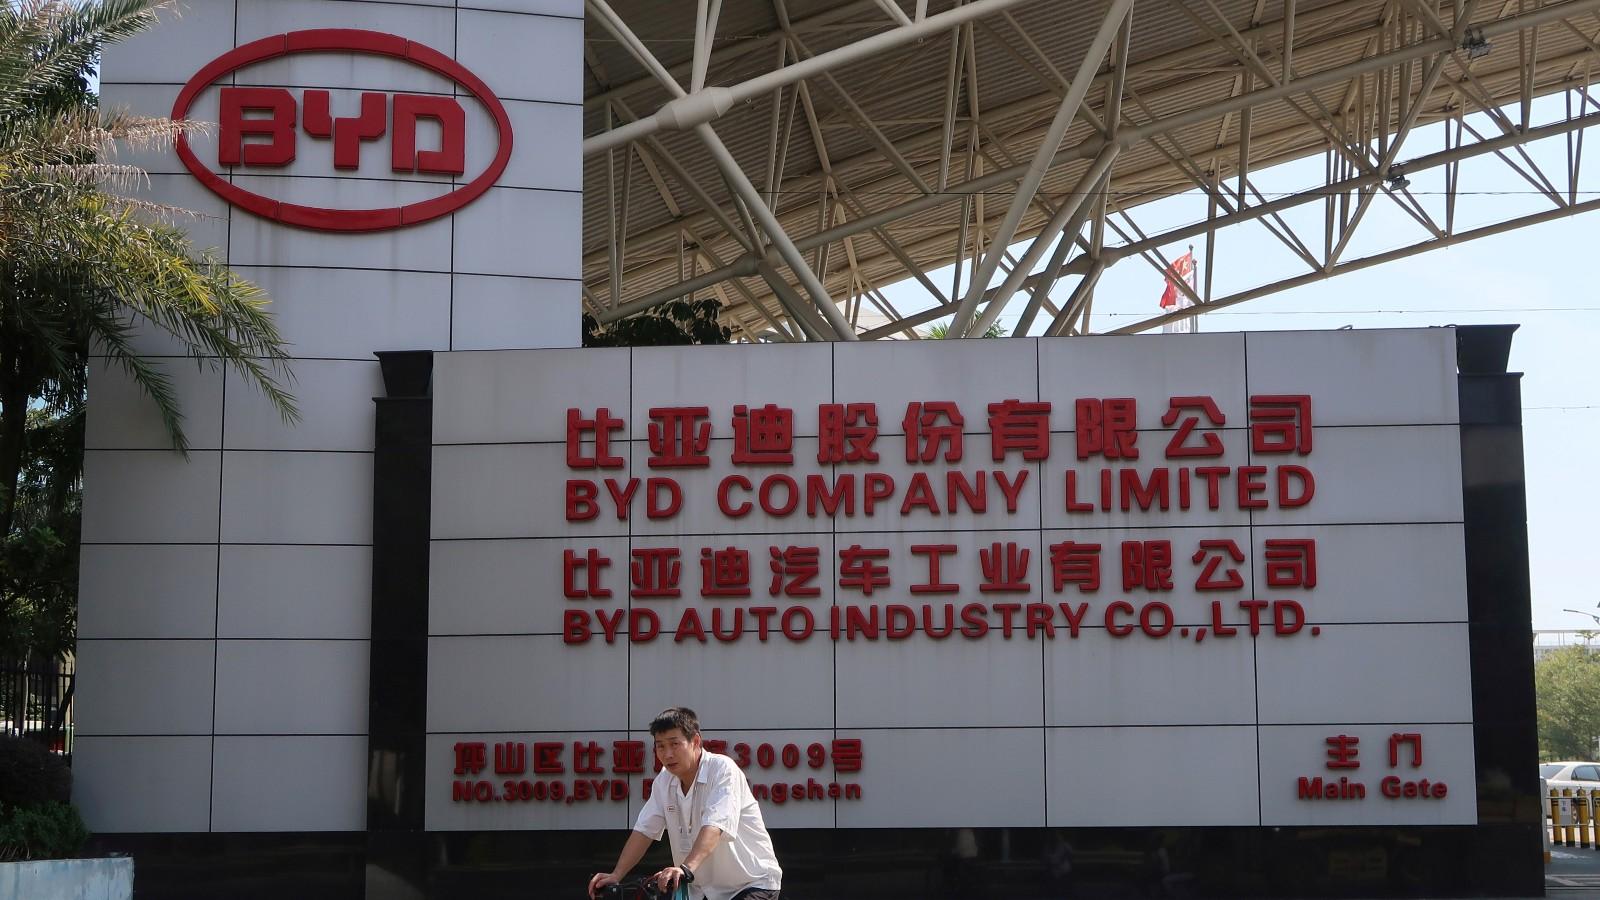 比亞迪, 比亞迪電子, 1211, 0285, 中期業績, GLOBALX中國電動車及電池ETF, 2845, HKBT, 香港財經時報